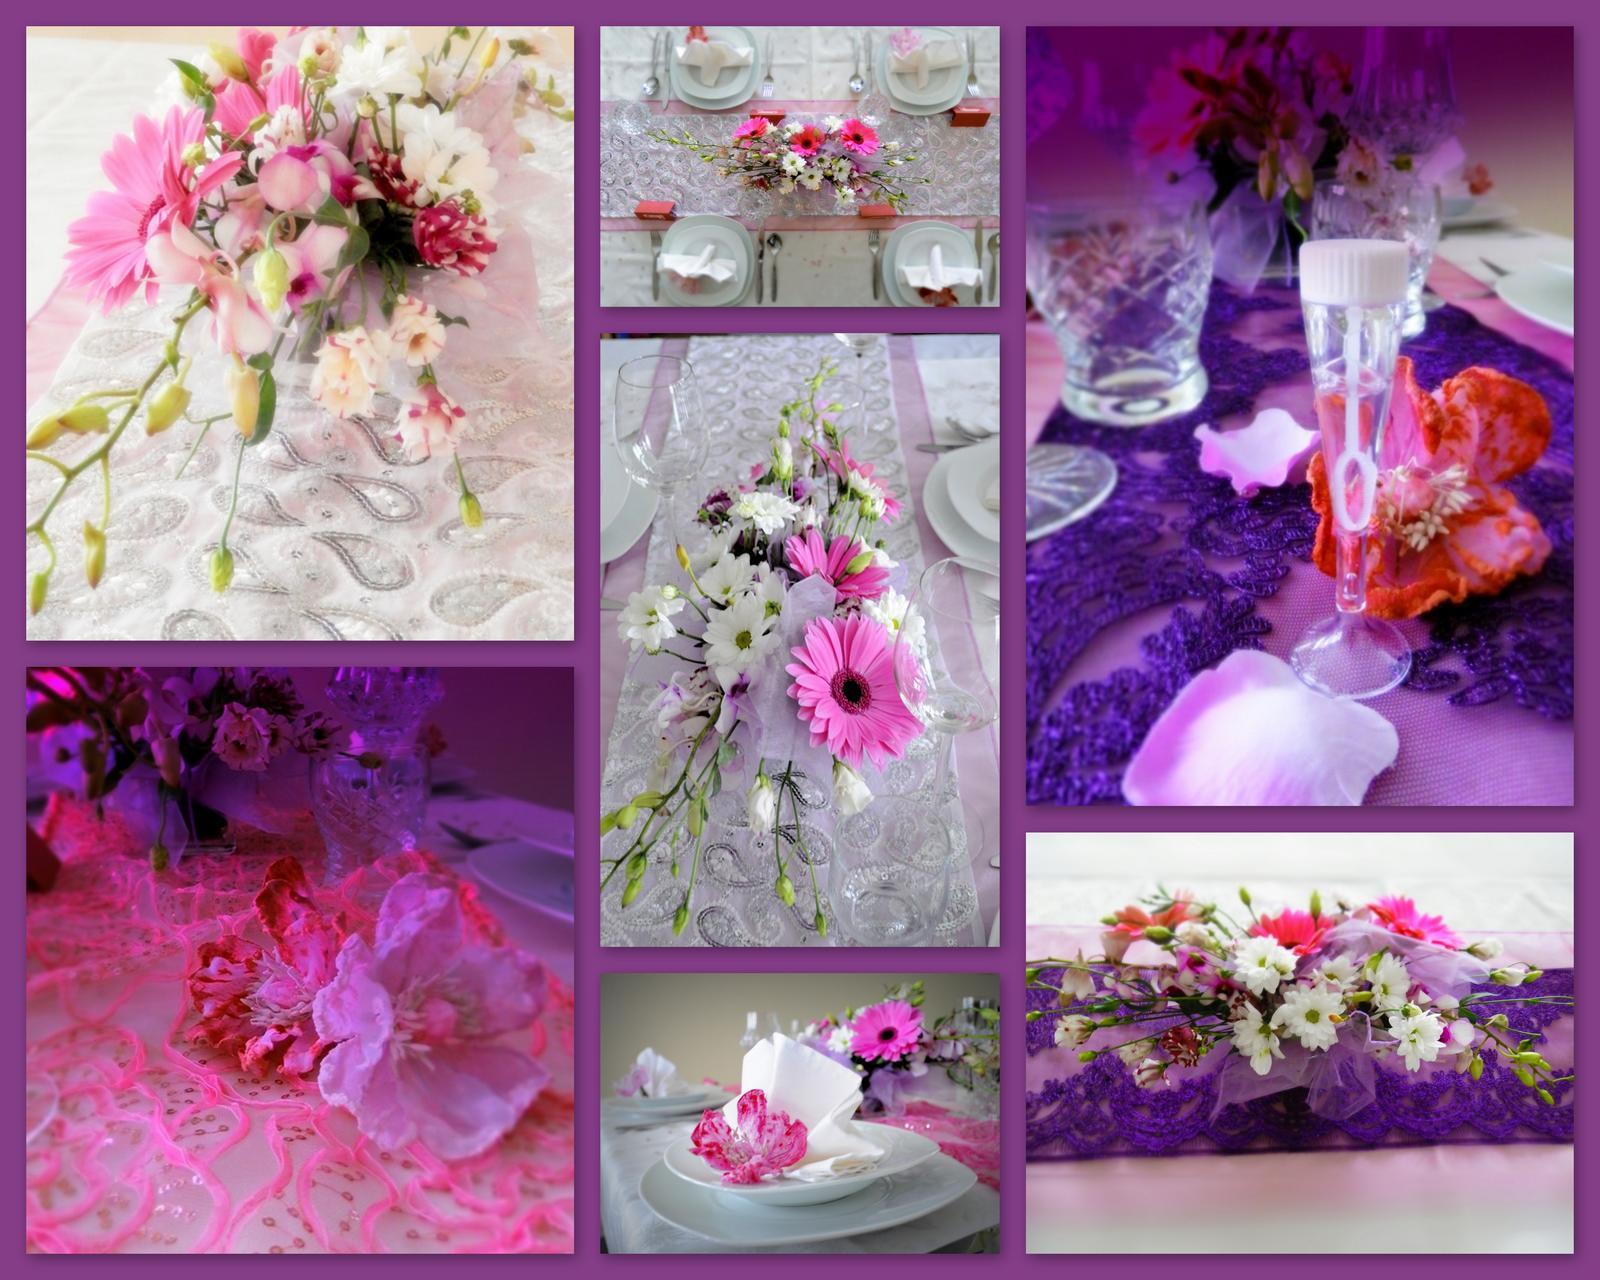 maxeshop - Nová kolekce látek na Váš svatební stůl - barva fialová, starorůžová, stříbrná